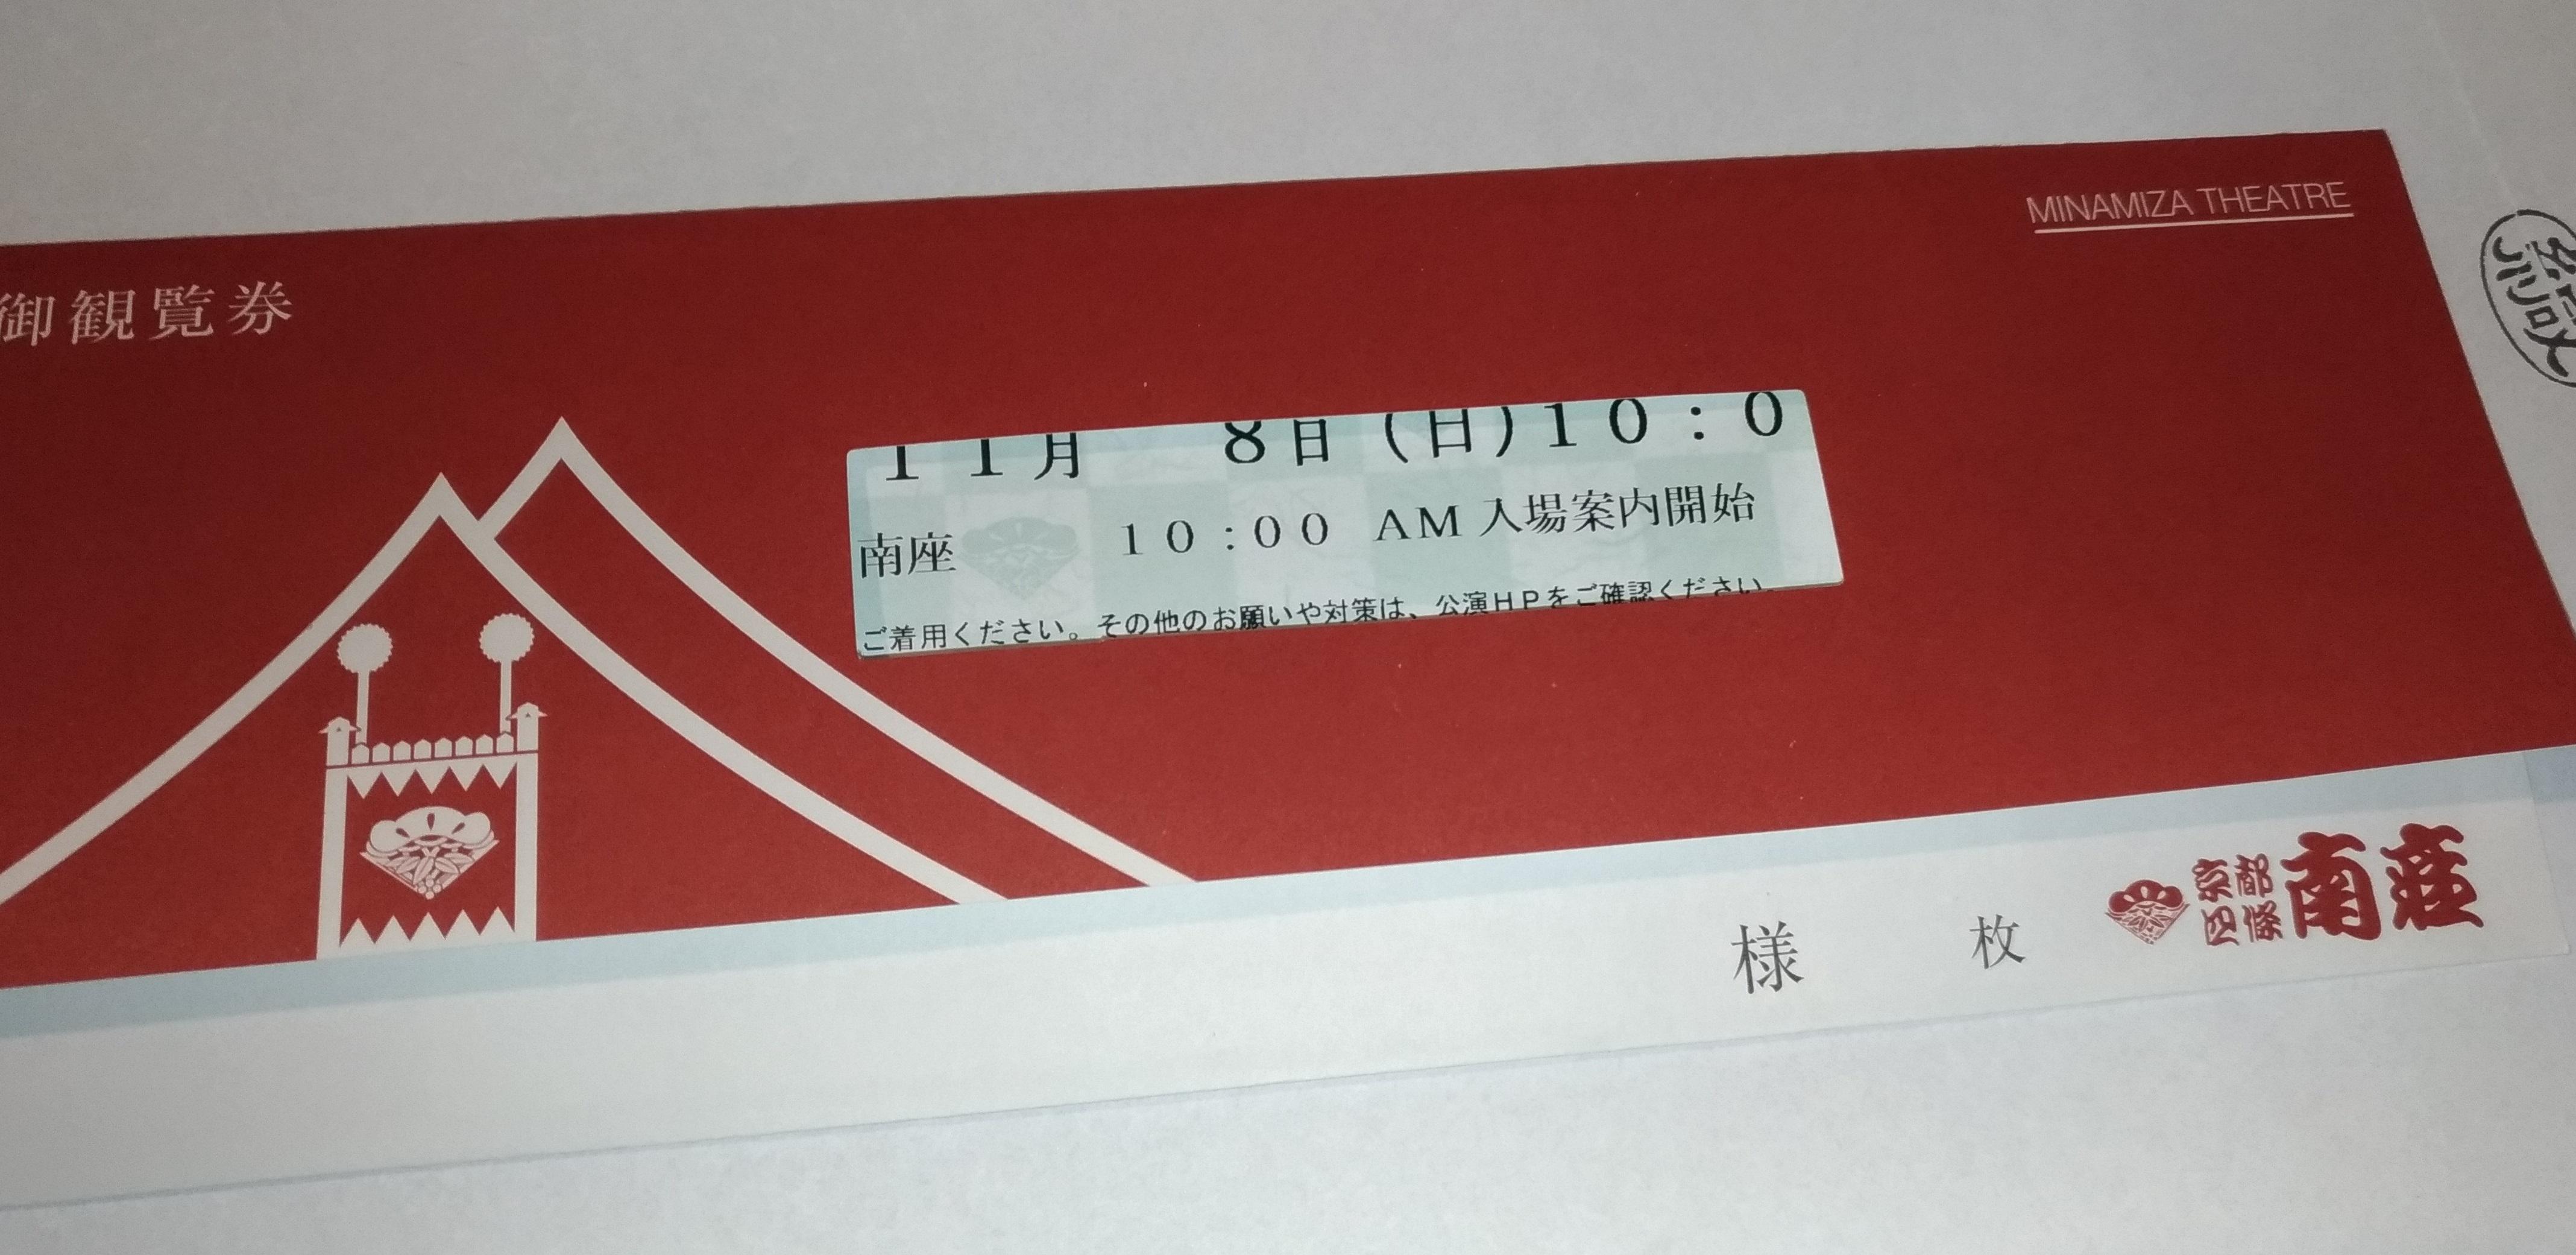 kimetsu_kyoto_kabuki_tikets_4.jpg